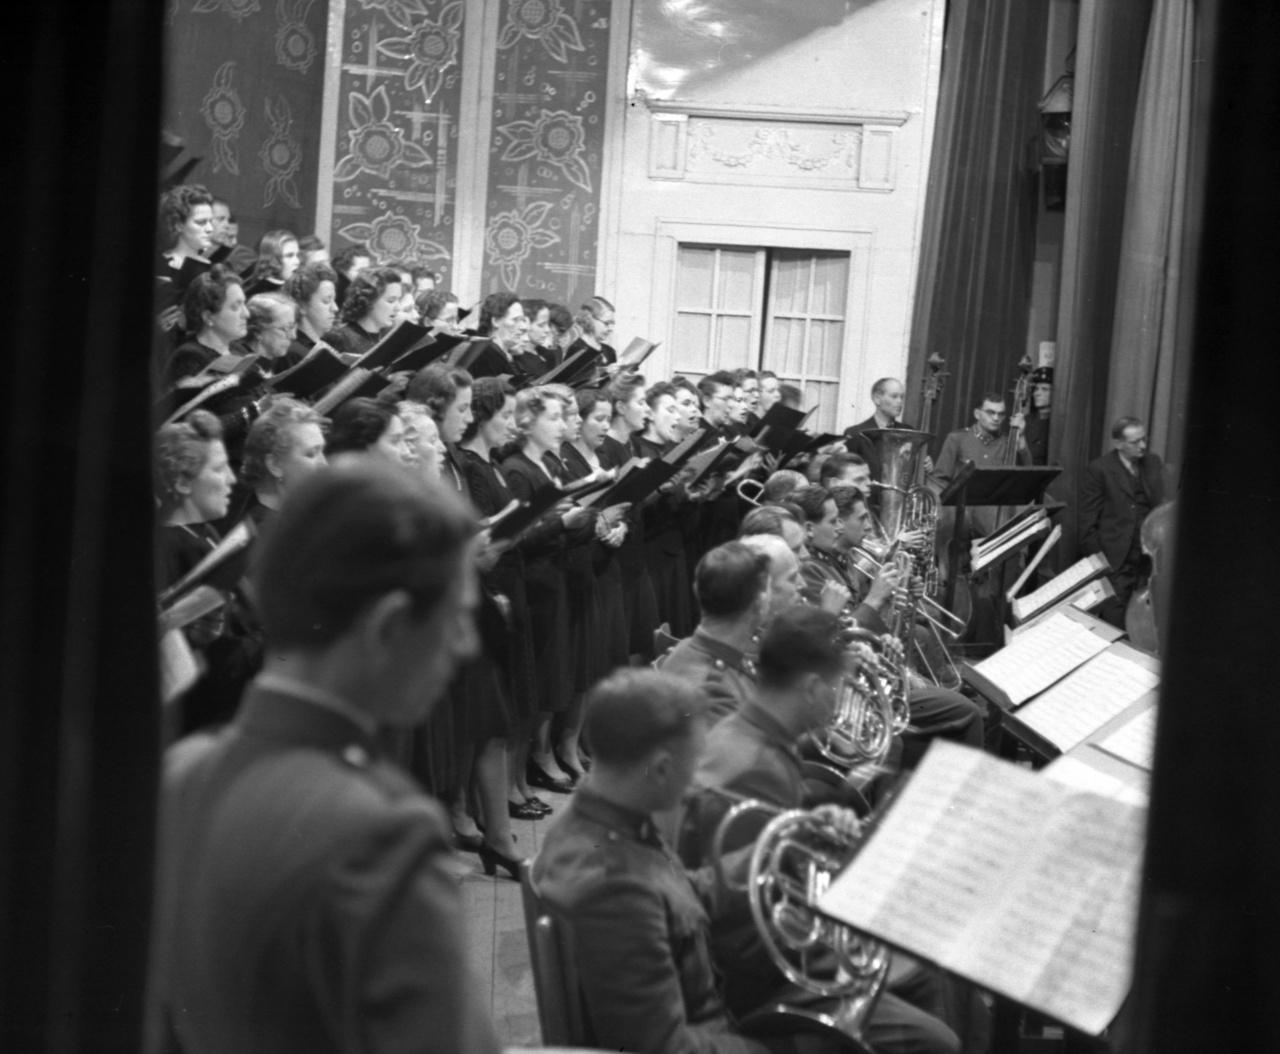 A fellépés a függöny takarásából. A kórus és a szimfonikusok a Városi Színházban.A kórus ennél izgalmasabb felállásban is szerepelt már, Bárdos ugyanis több mozdulatdrámát írt a kortárs mozdulatművészet meghatározó alakjának, a párizsi évei alatt Isadora Duncantől is inspirálódott Dienes Valériának. A hangszereket kitiltó Dienes a színpadra a mozdulat kórusát állította, Bárdosét az erkélyre.